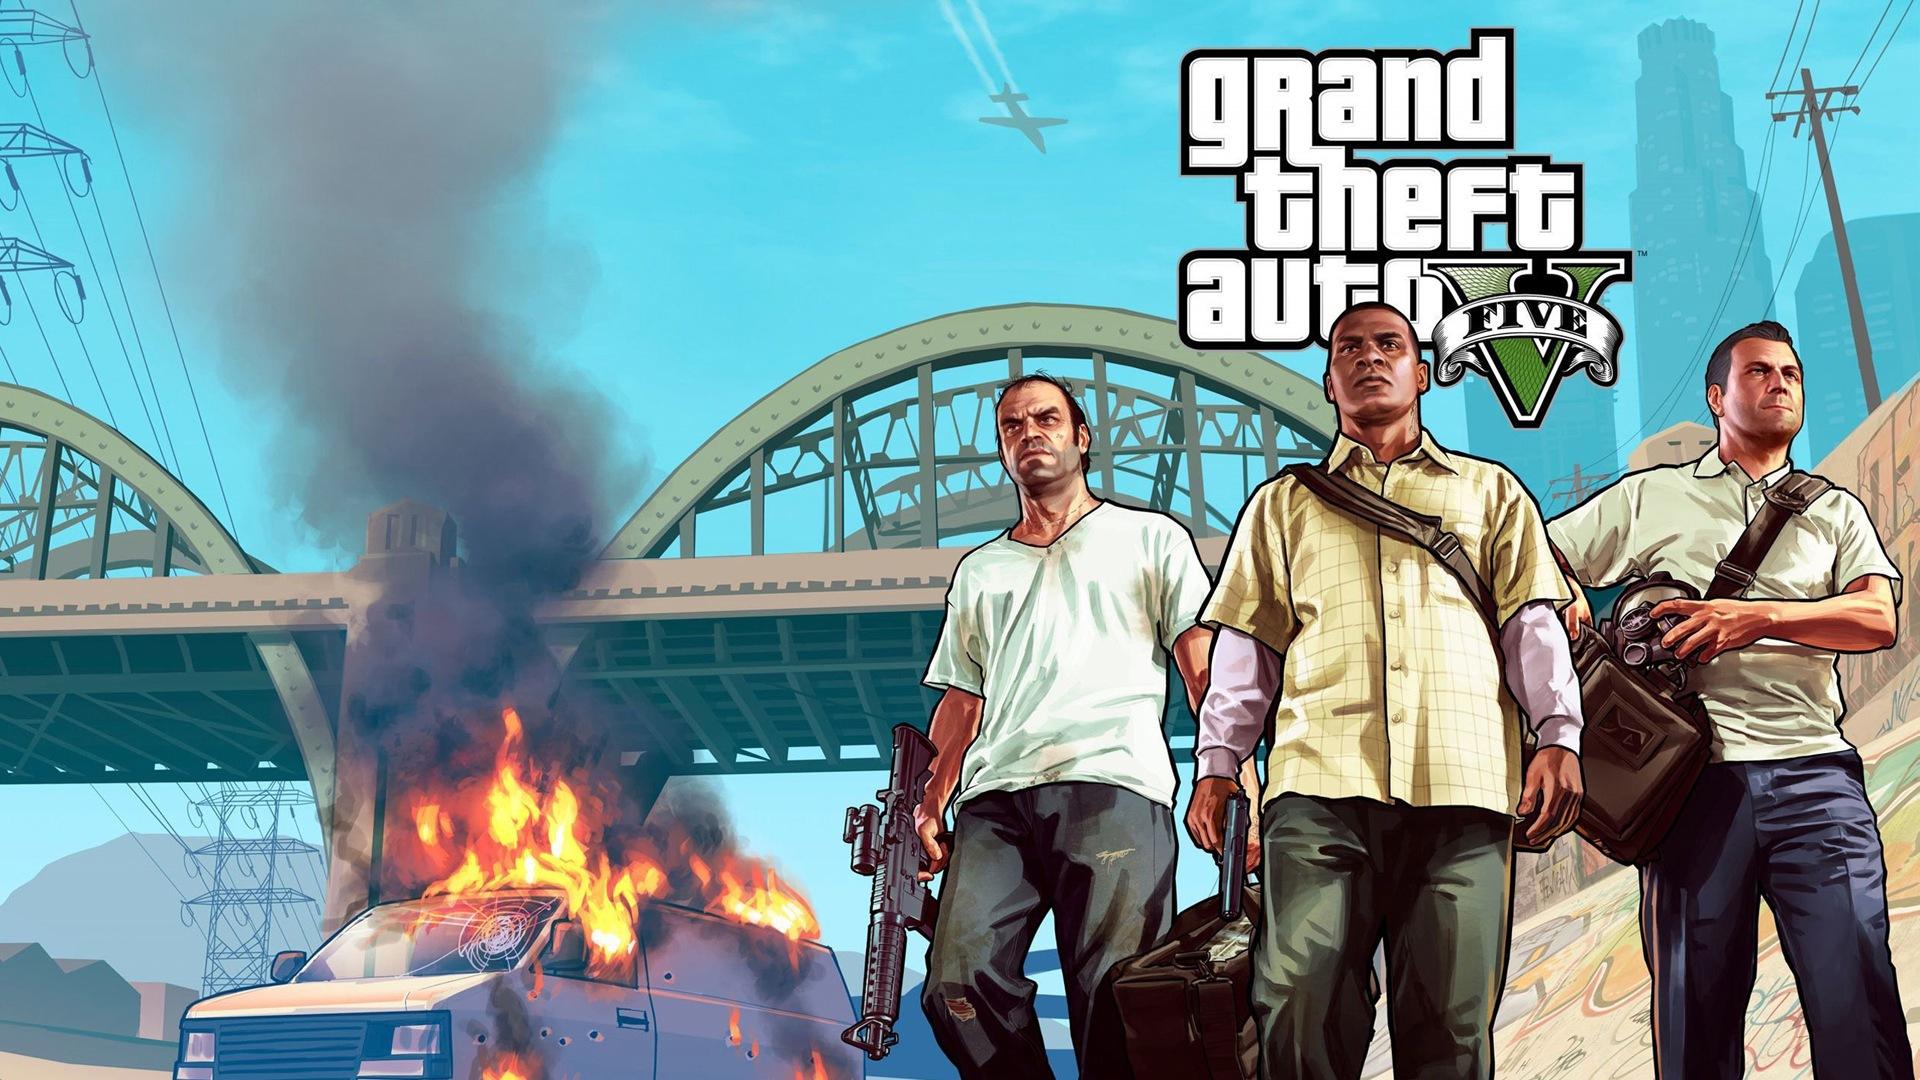 Grand Theft Auto V Gta 5 Fonds D Ecran De Jeux Hd 7 1920x1080 Fond D Ecran Telecharger Grand Theft Auto V Gta 5 Fonds D Ecran De Jeux Hd Jeu Fond